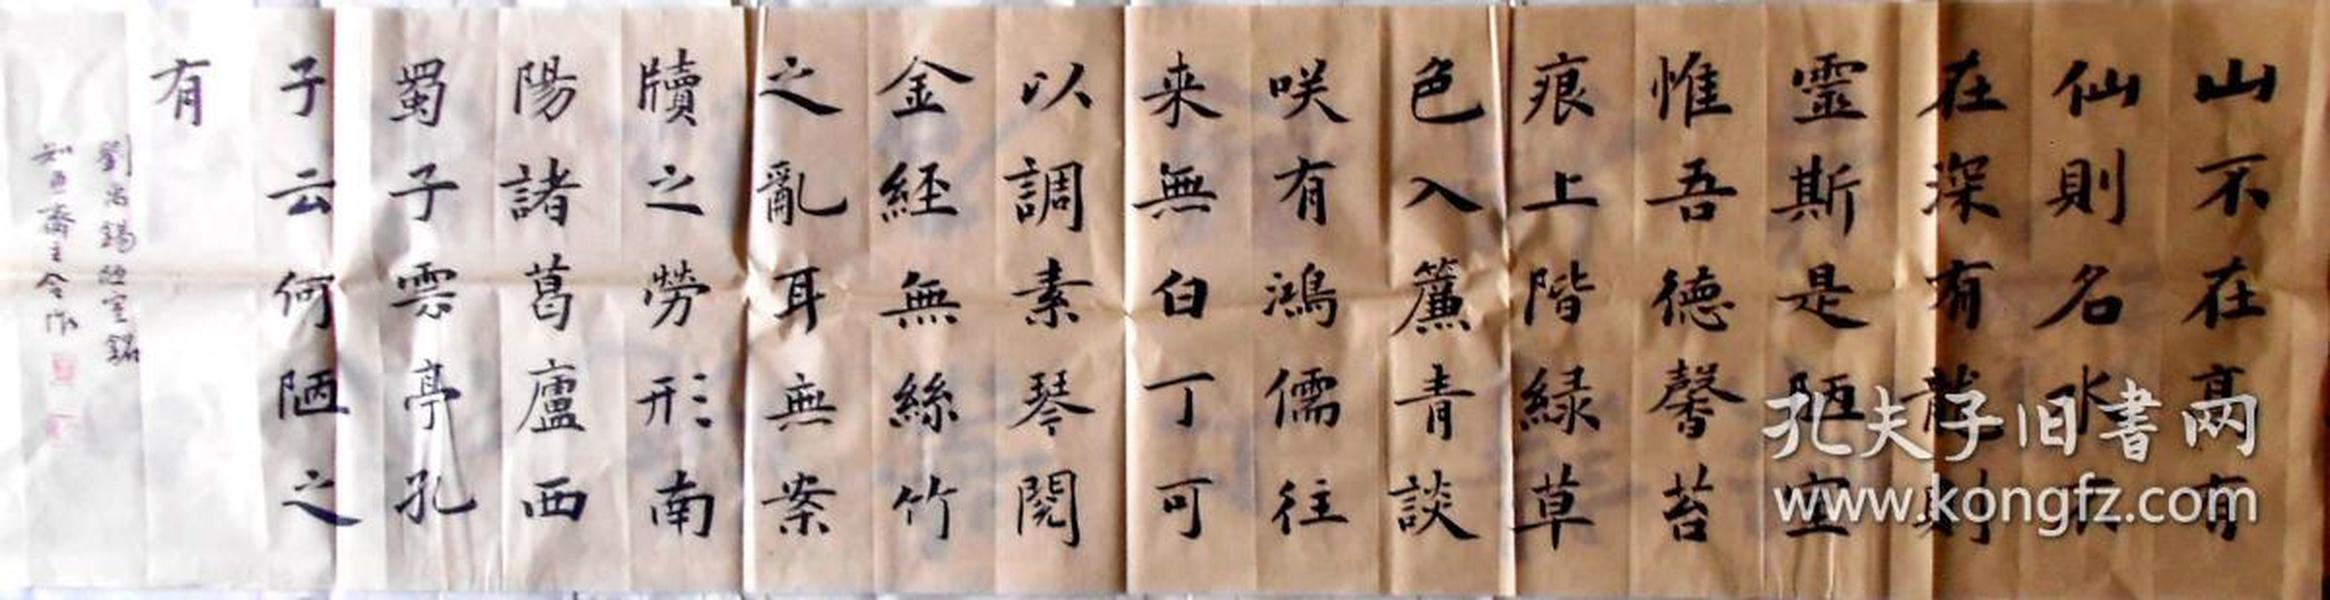 中书协会员、河北书协楷书委员孟令作四尺对开书法真迹 楚塞三湘